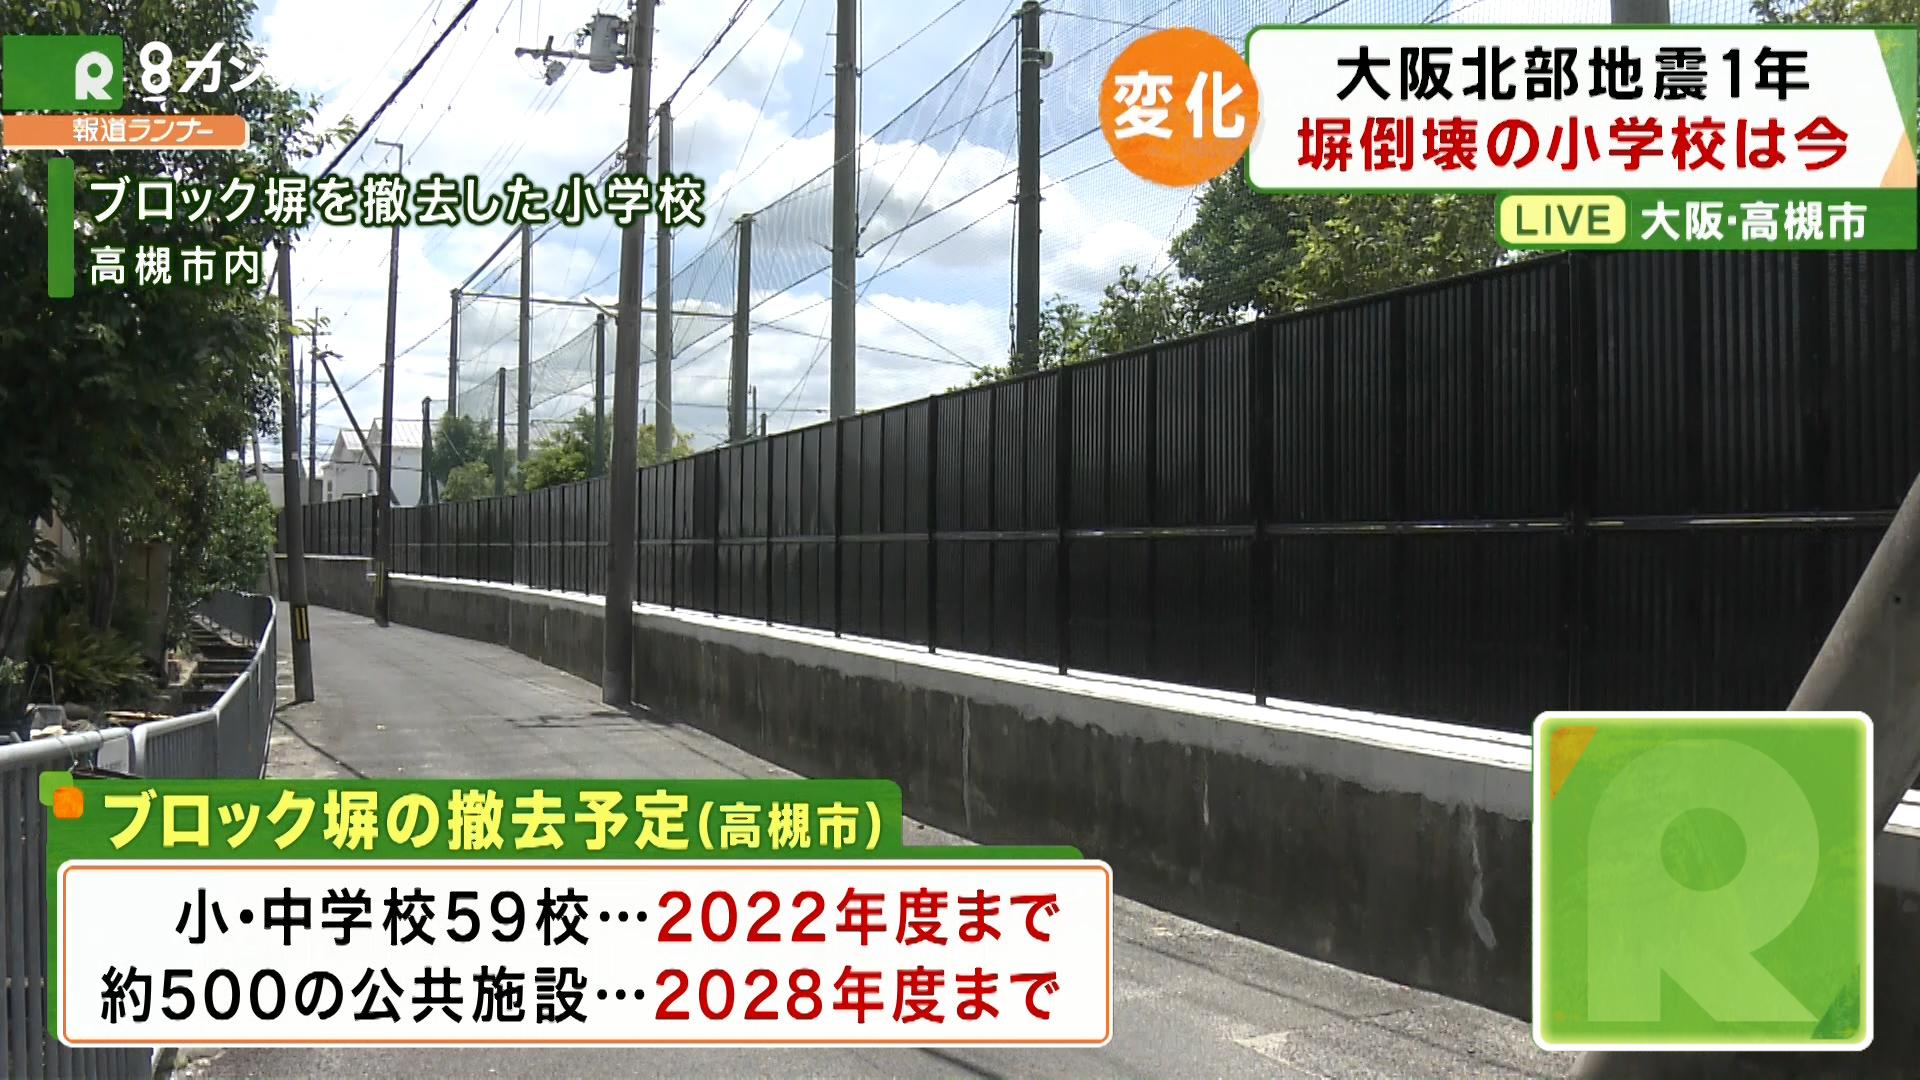 """【特集】1年たってもまだ…""""屋根にブルーシート"""" 大阪北部地震、今も苦しむ被災者"""